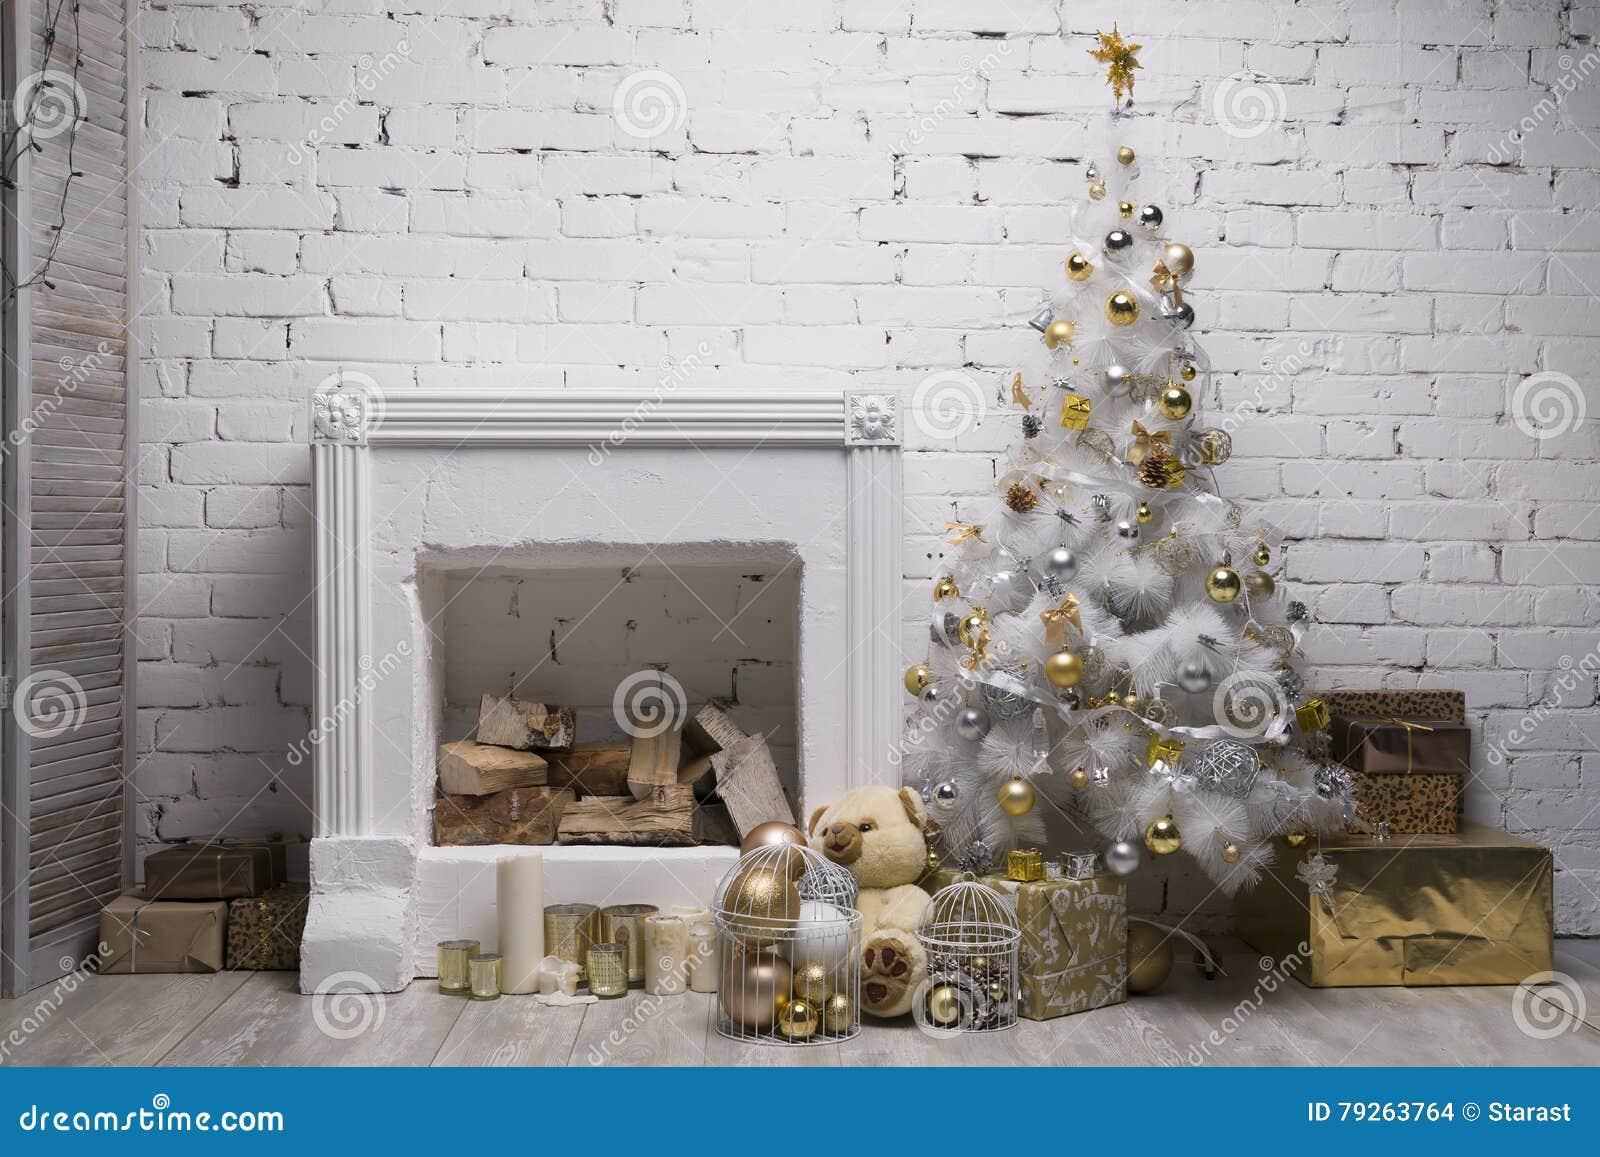 Άσπρο χριστουγεννιάτικο δέντρο με τις χρυσές και ασημένιες σφαίρες, κιβώτια δώρων, εξοπλισμένη διακοσμήσεις εστία διακοπών